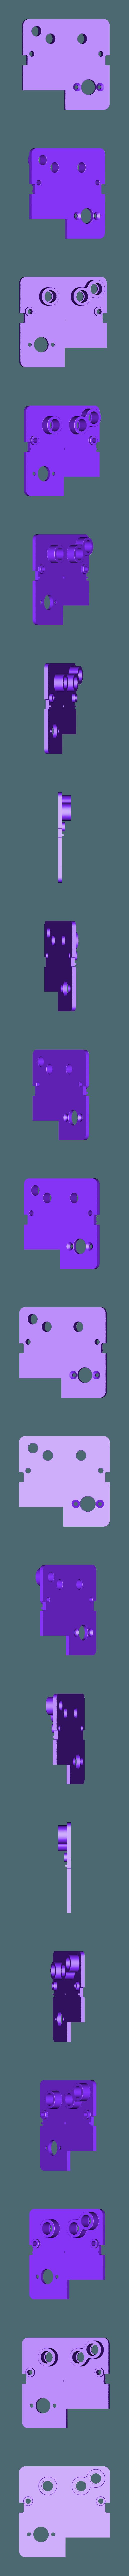 Frame_A.STL Télécharger fichier STL gratuit Nettoyant pour panne à souder • Modèle à imprimer en 3D, perinski